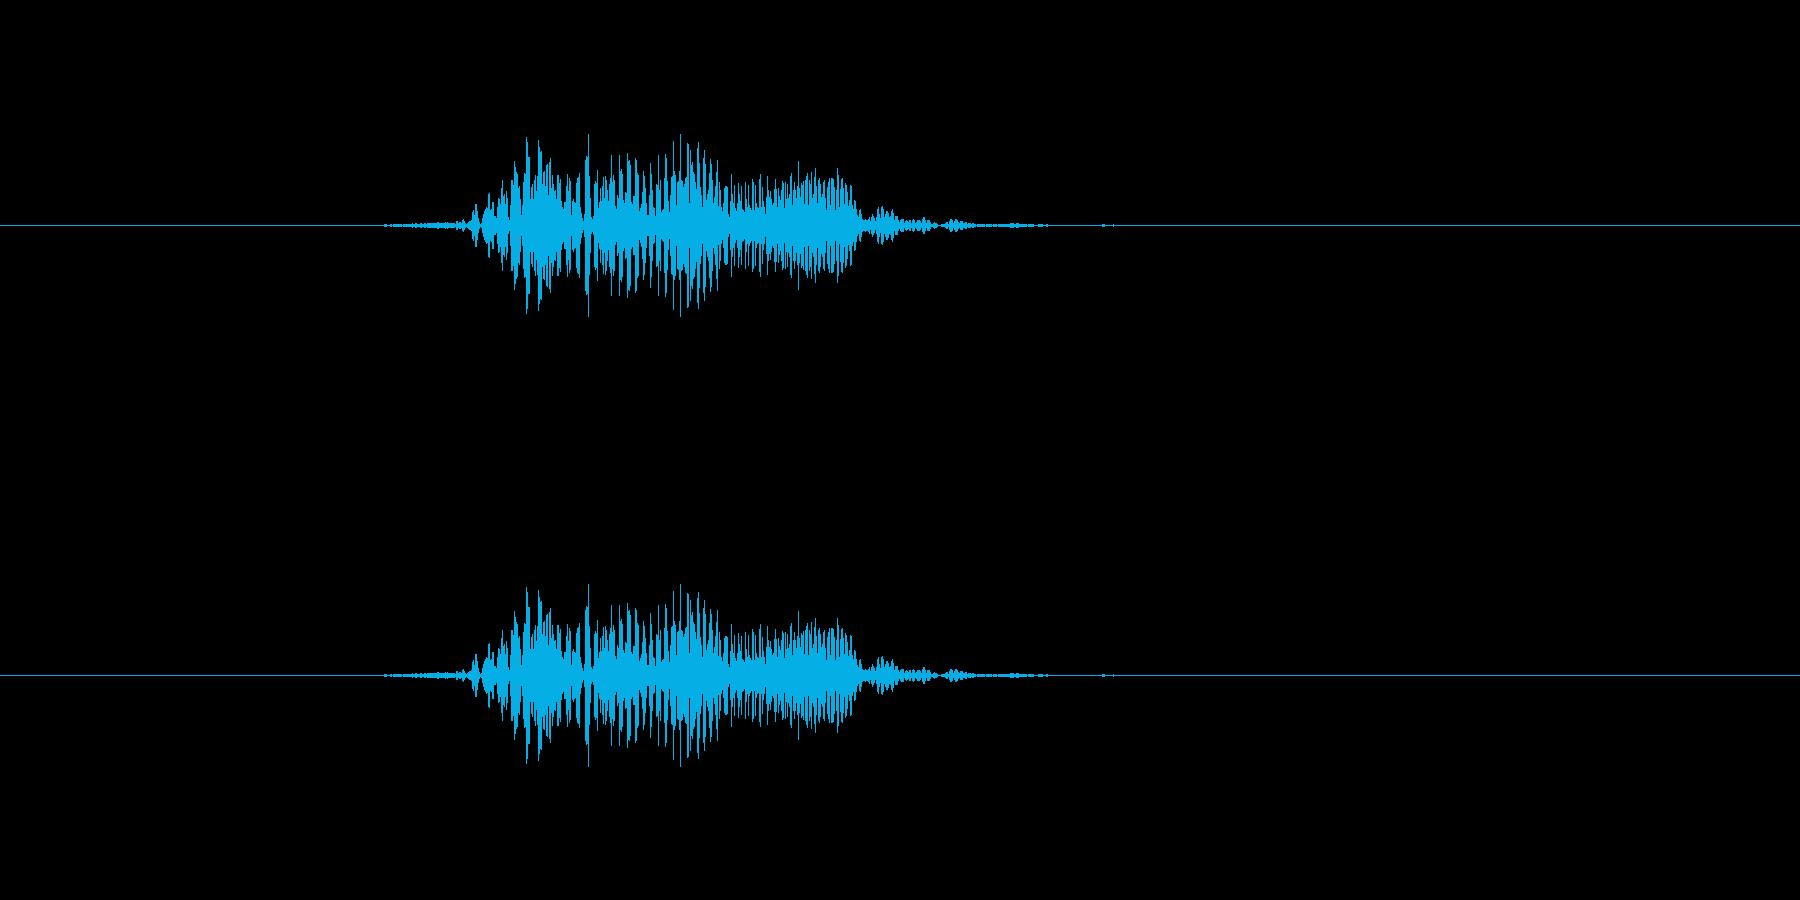 「ほい」掛け声 元気 アクション の再生済みの波形